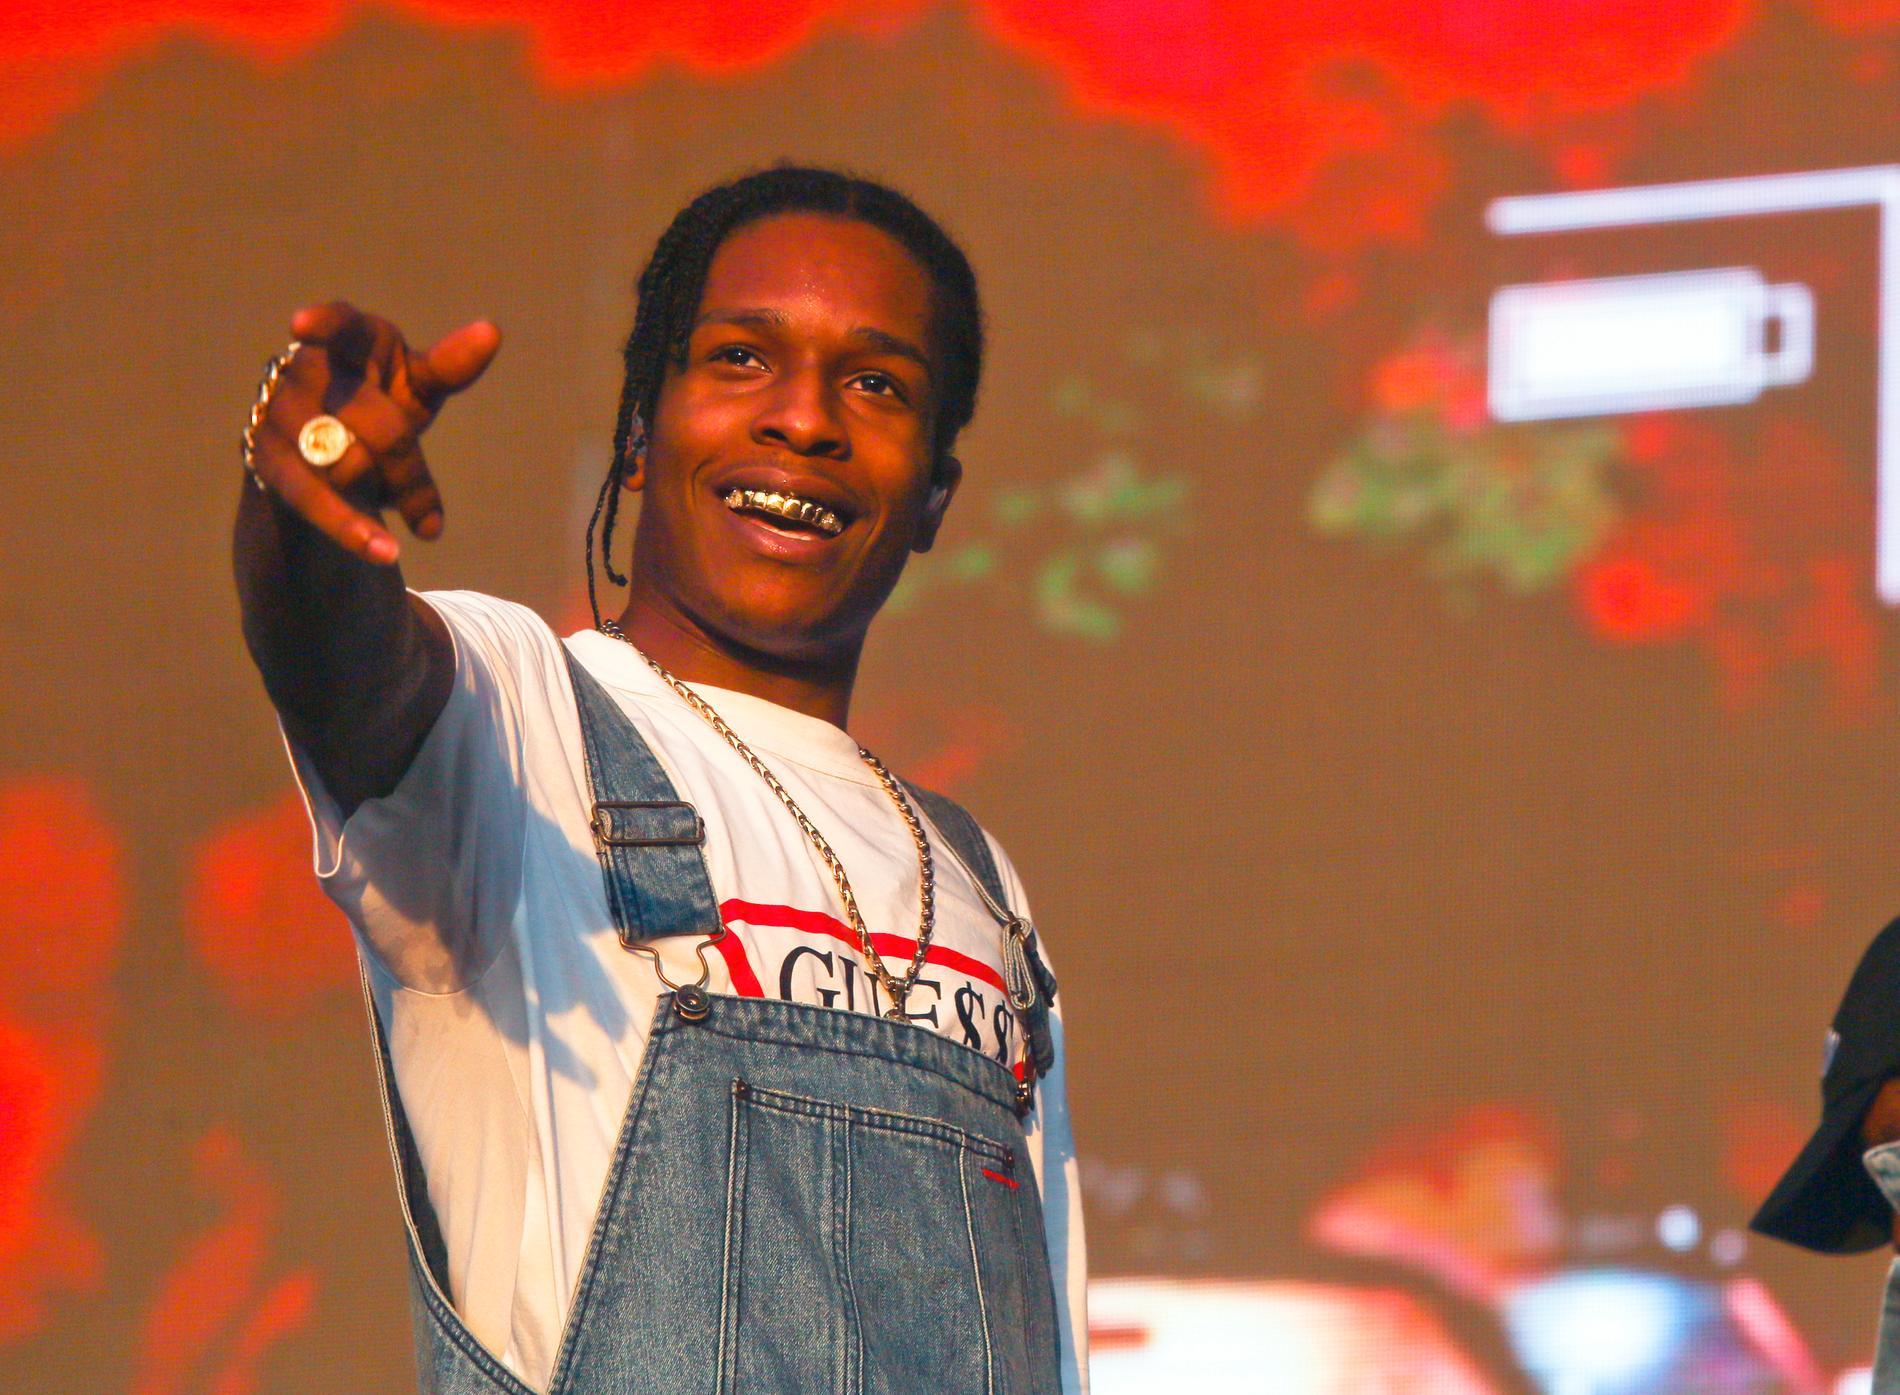 Rapparen Asap Rocky dömdes i dag till villkorlig dom för misshandel av Stockholms tingsrätt.